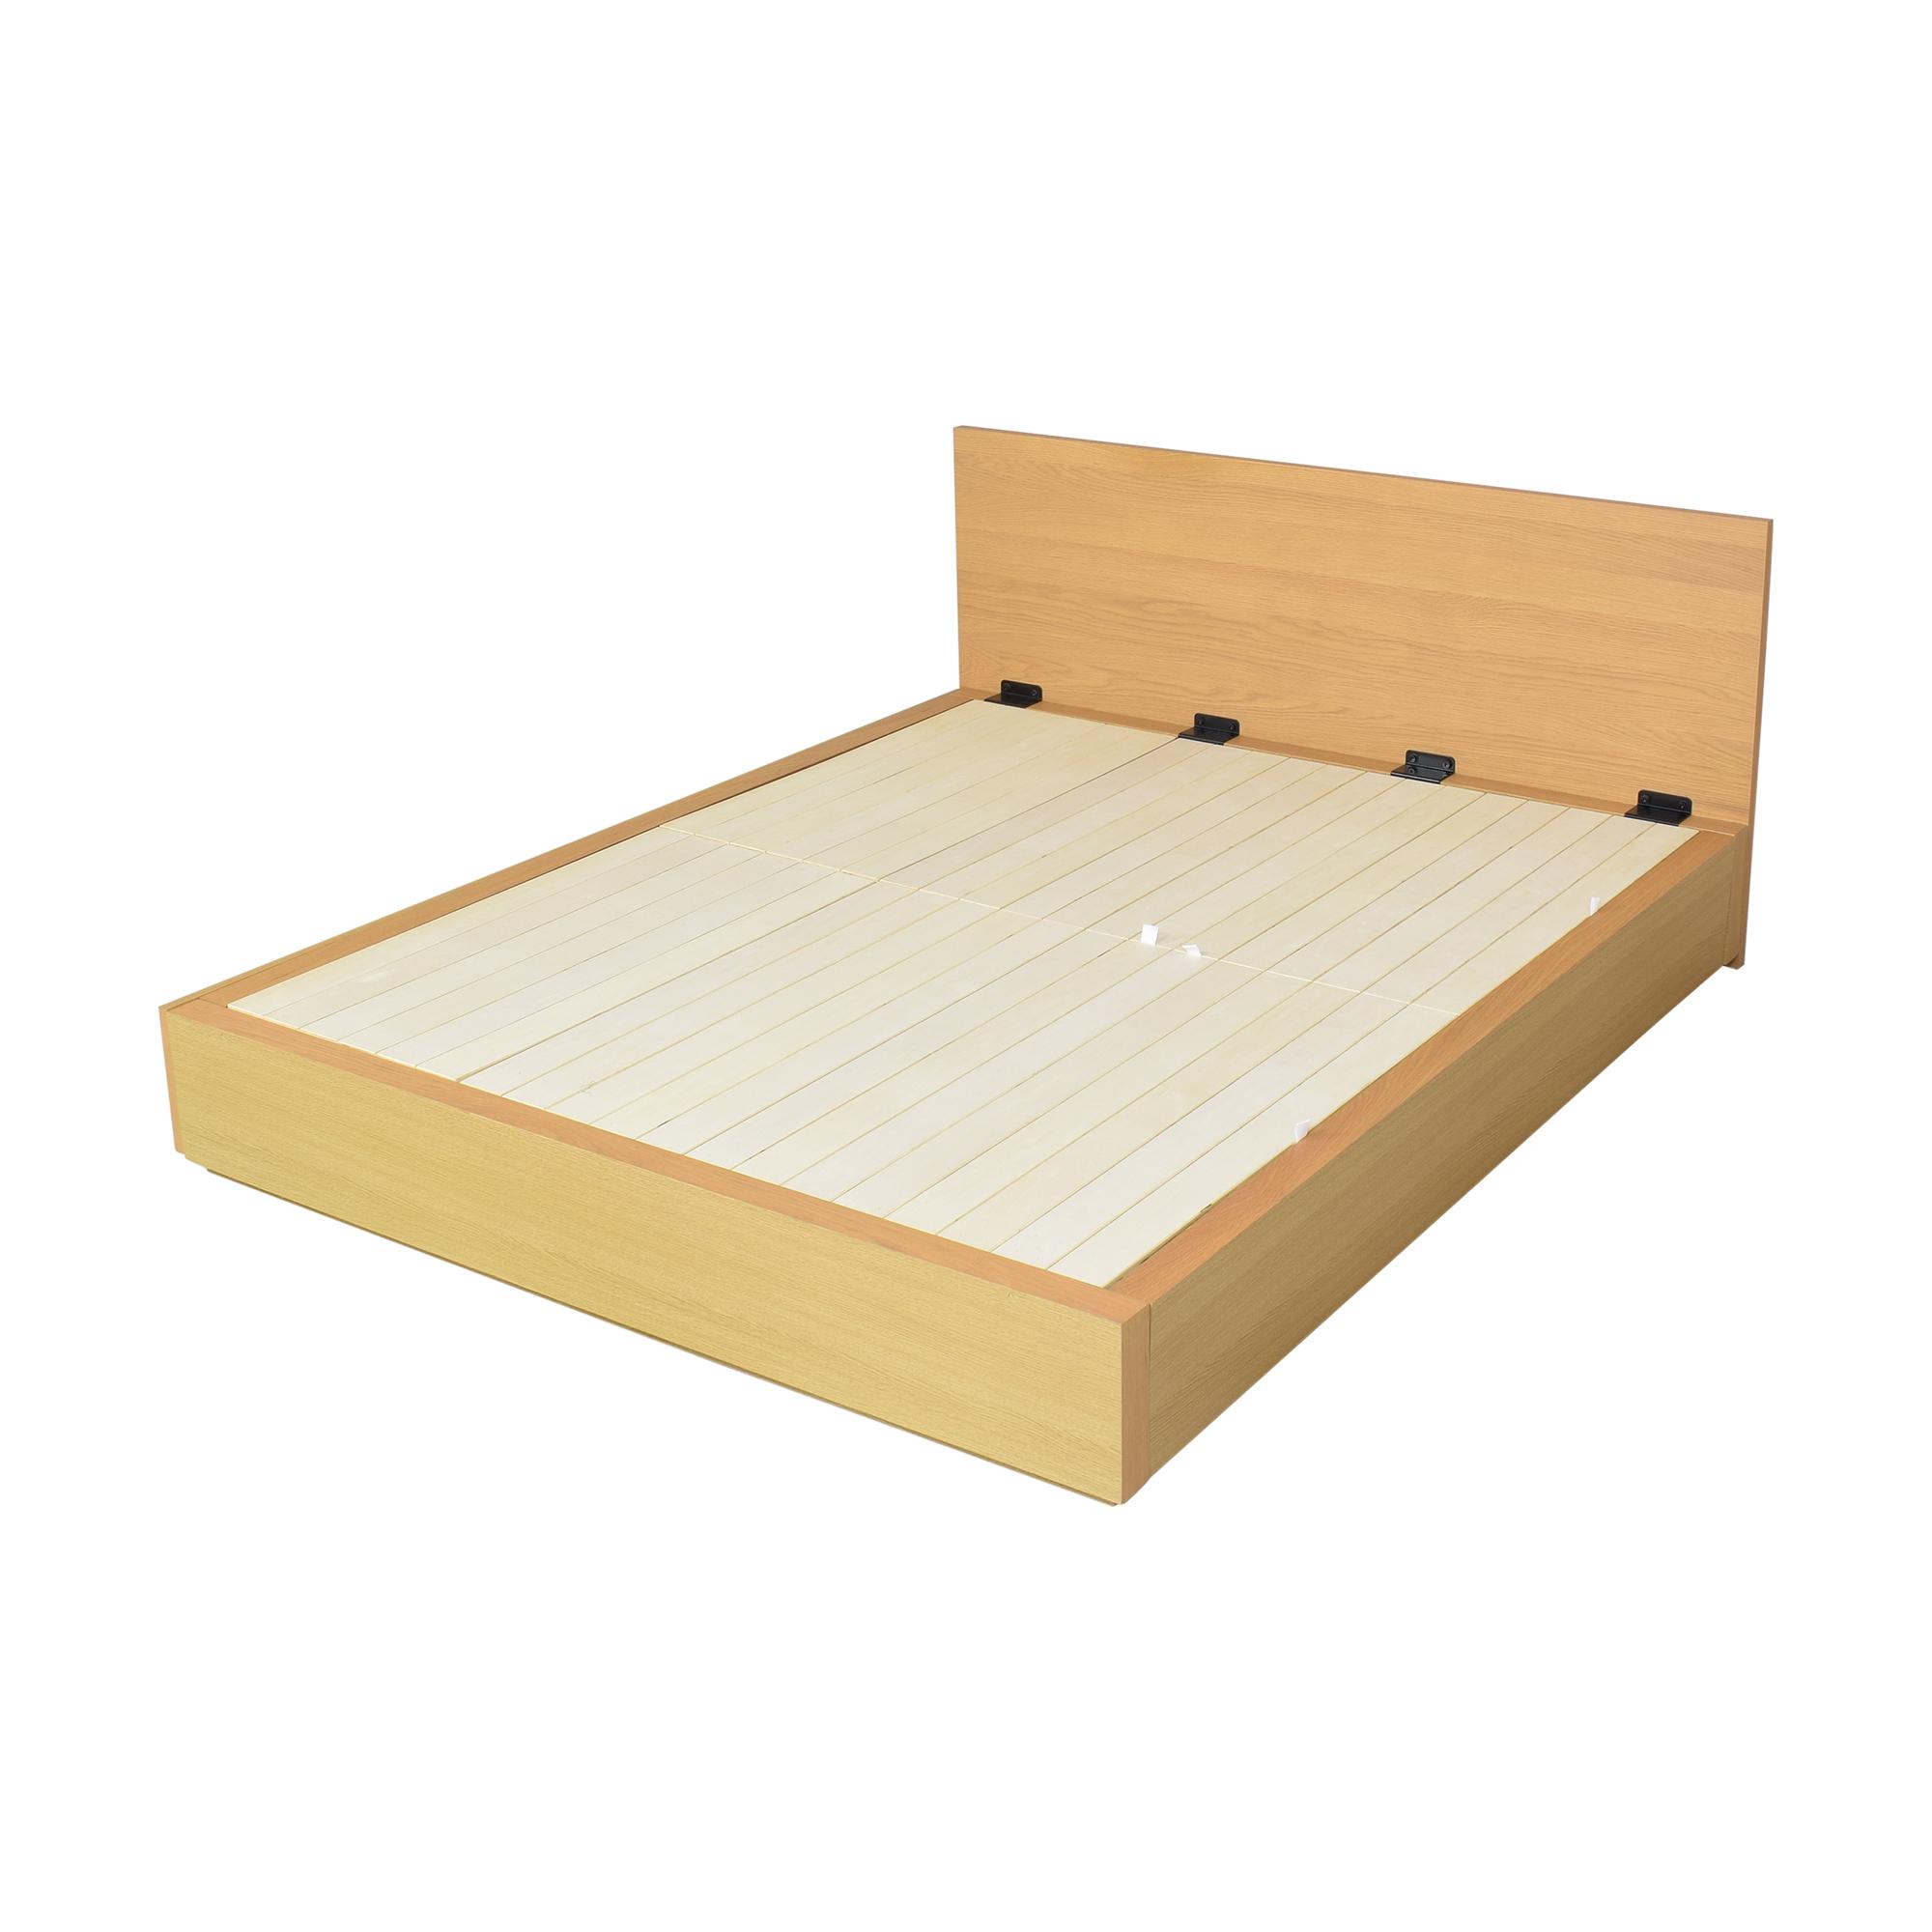 Muji Muji Queen Storage Bed for sale